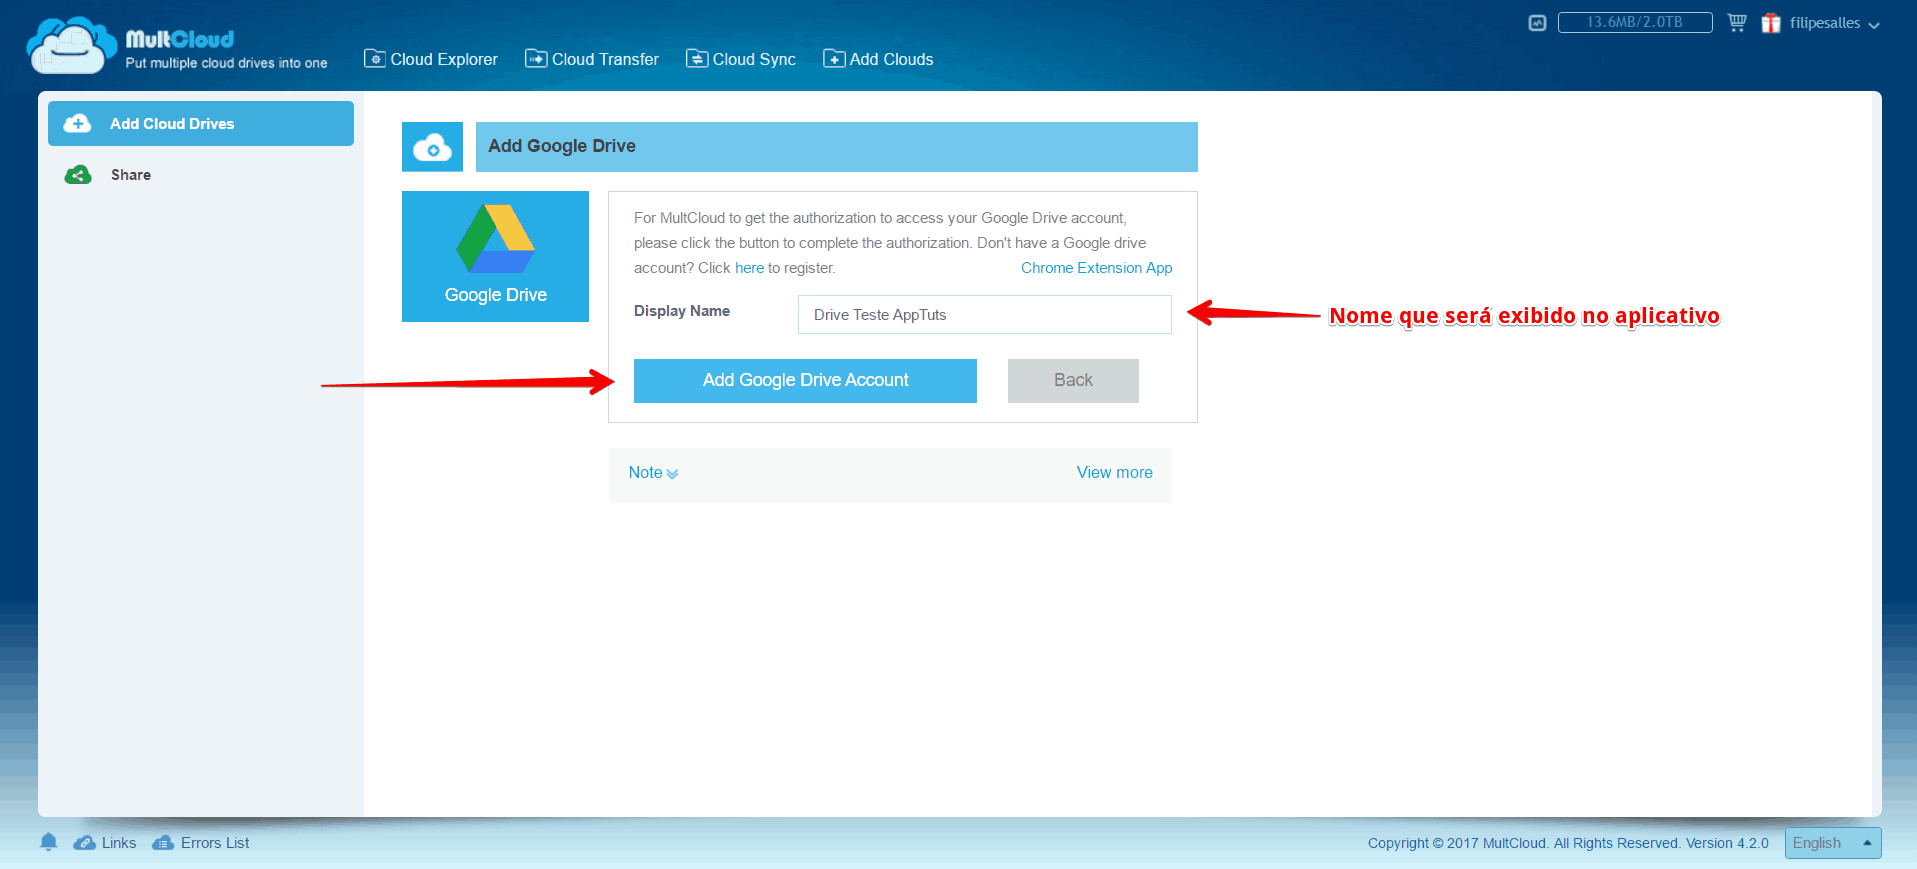 transferir-arquivos-displayname